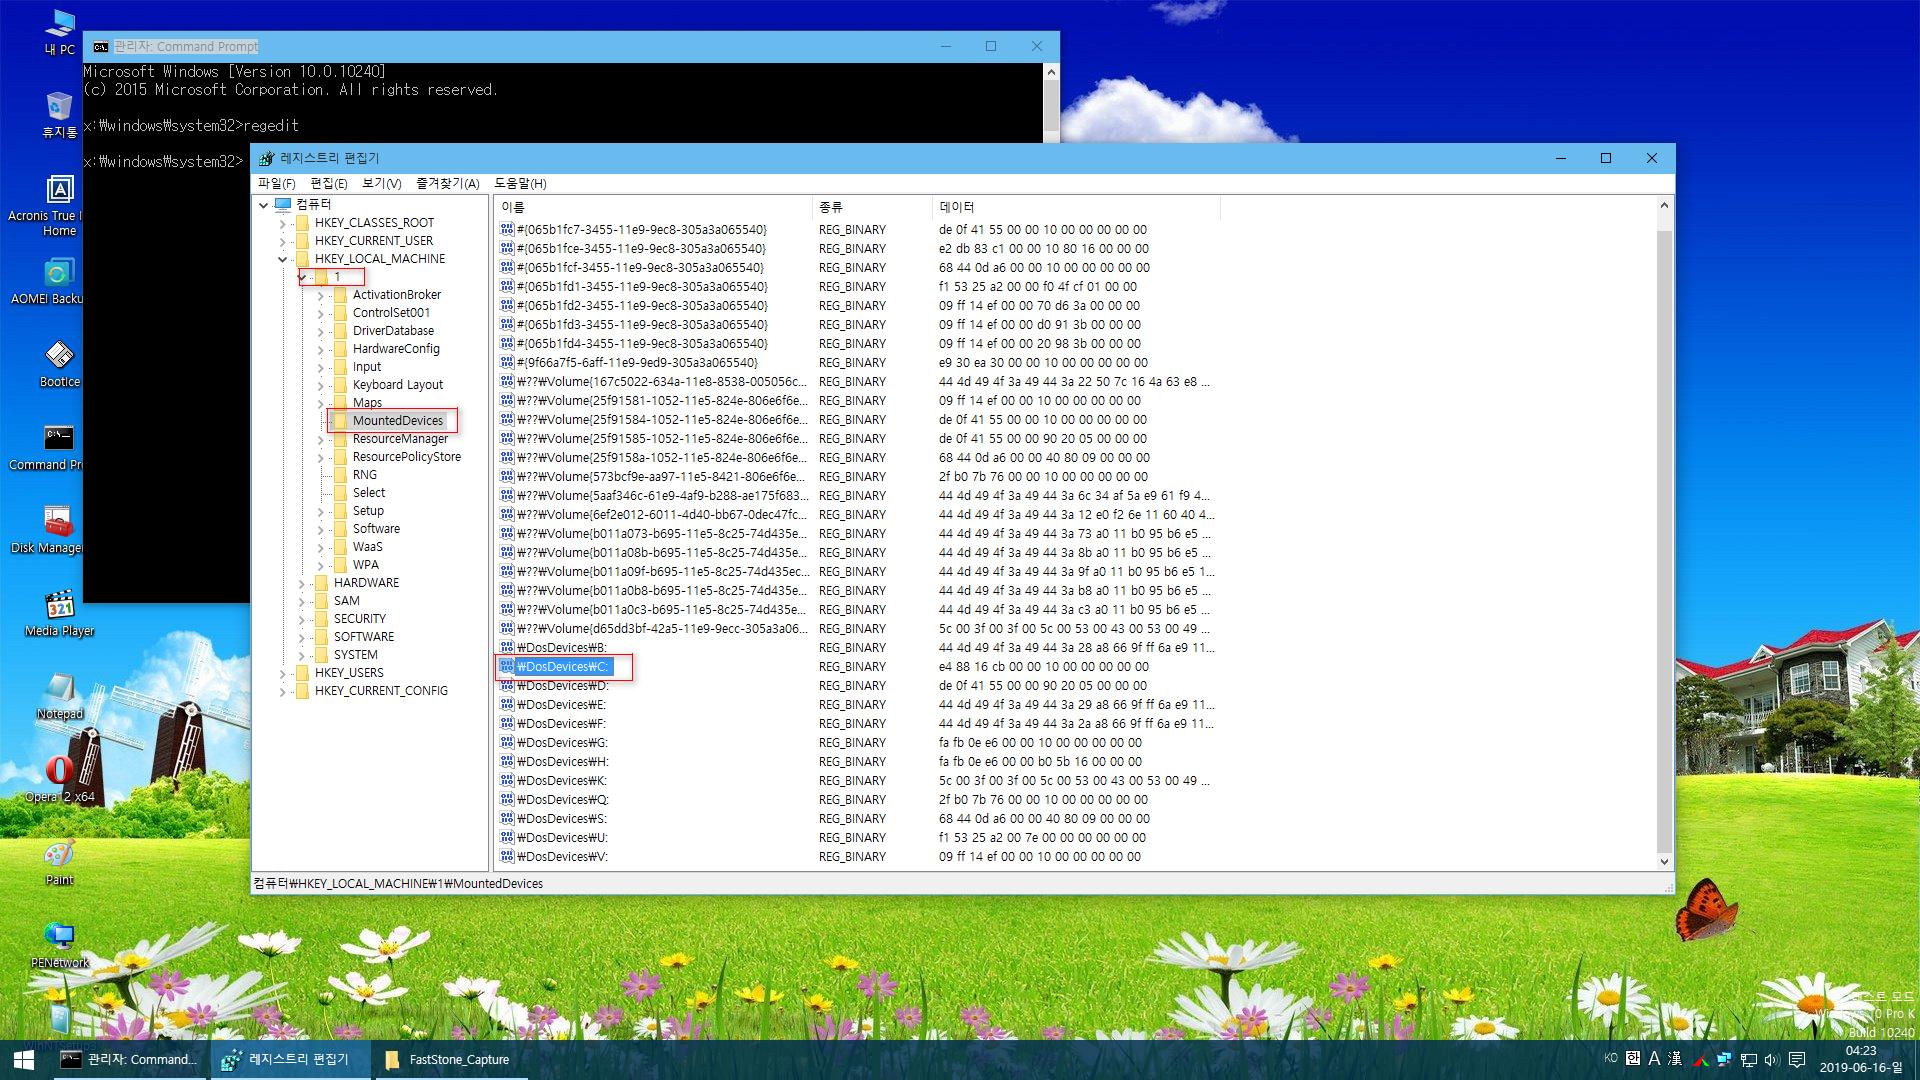 VHD를 실컴에 복구하기 - 파티션 복제, bcdboot, 하이브 로드하여 드라이브 문자들은 전부 삭제함 - C드라이브만 삭제하면 부팅 실패 2019-06-16_042301.png